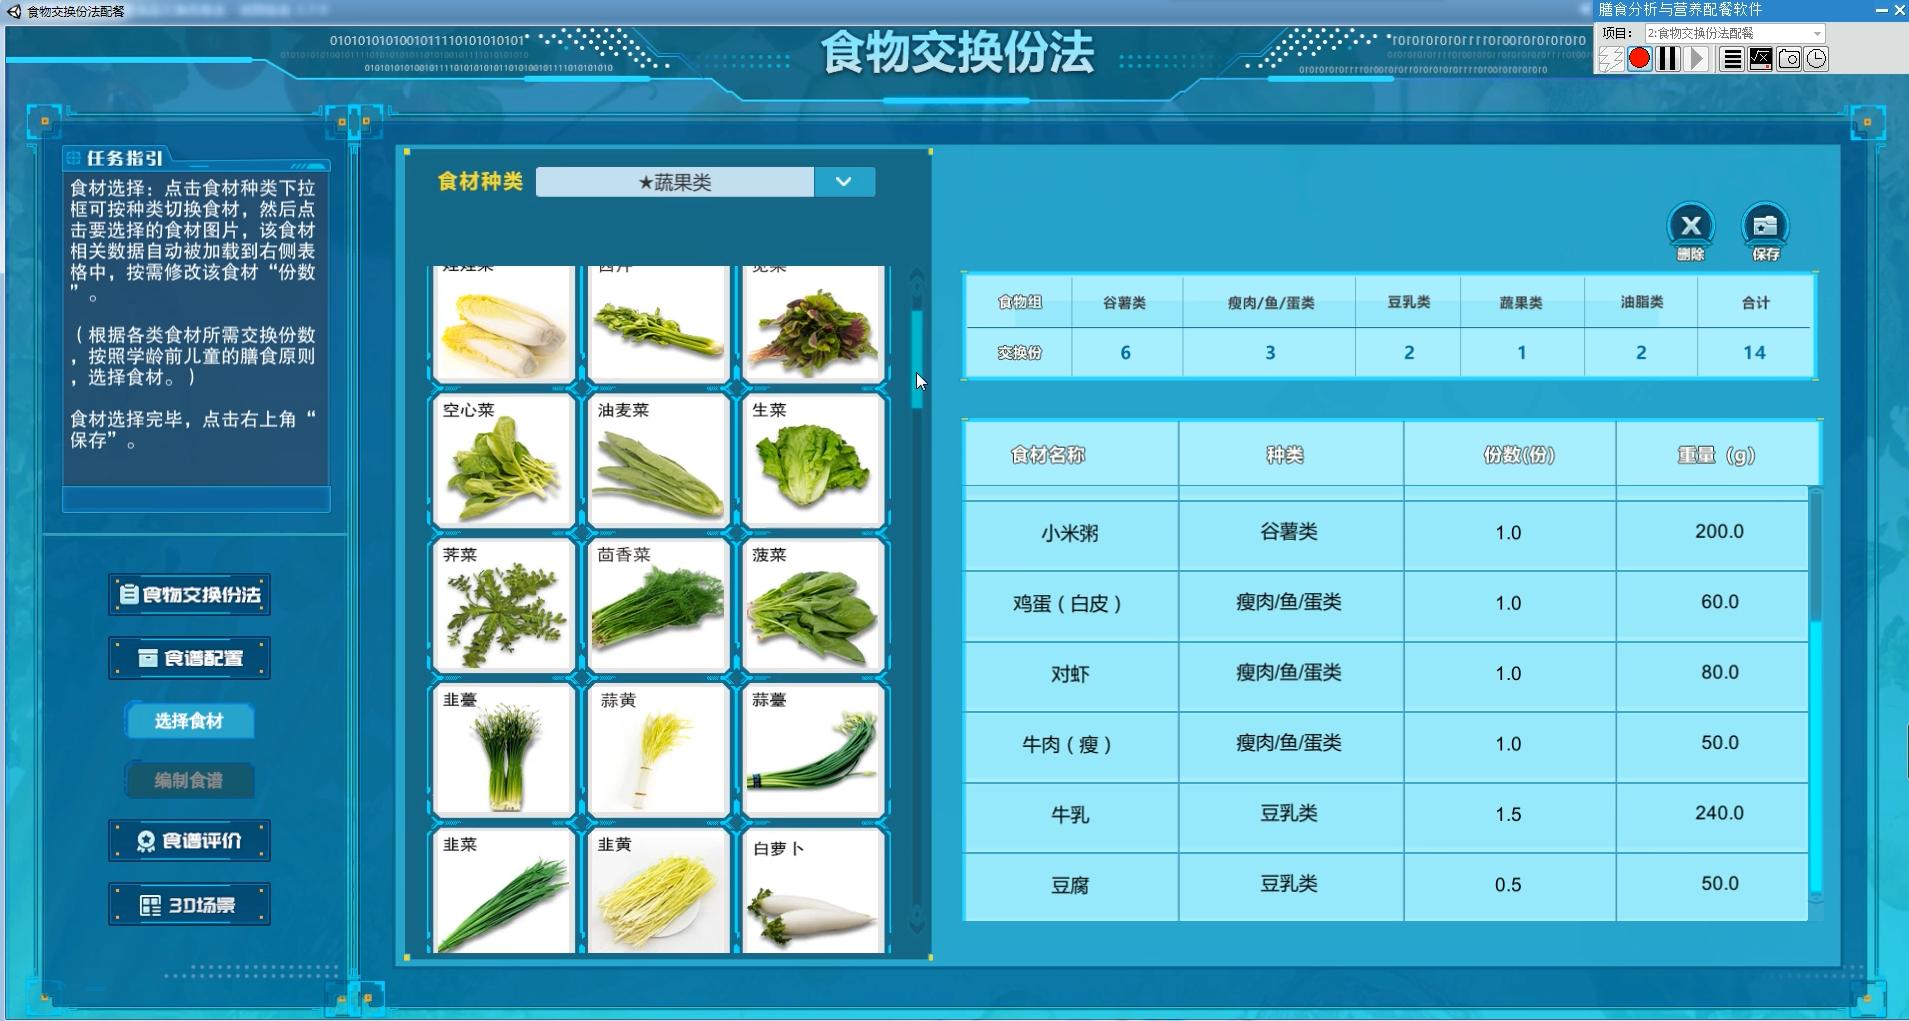 北京欧倍尔膳食分析与营养配餐虚拟仿真软件